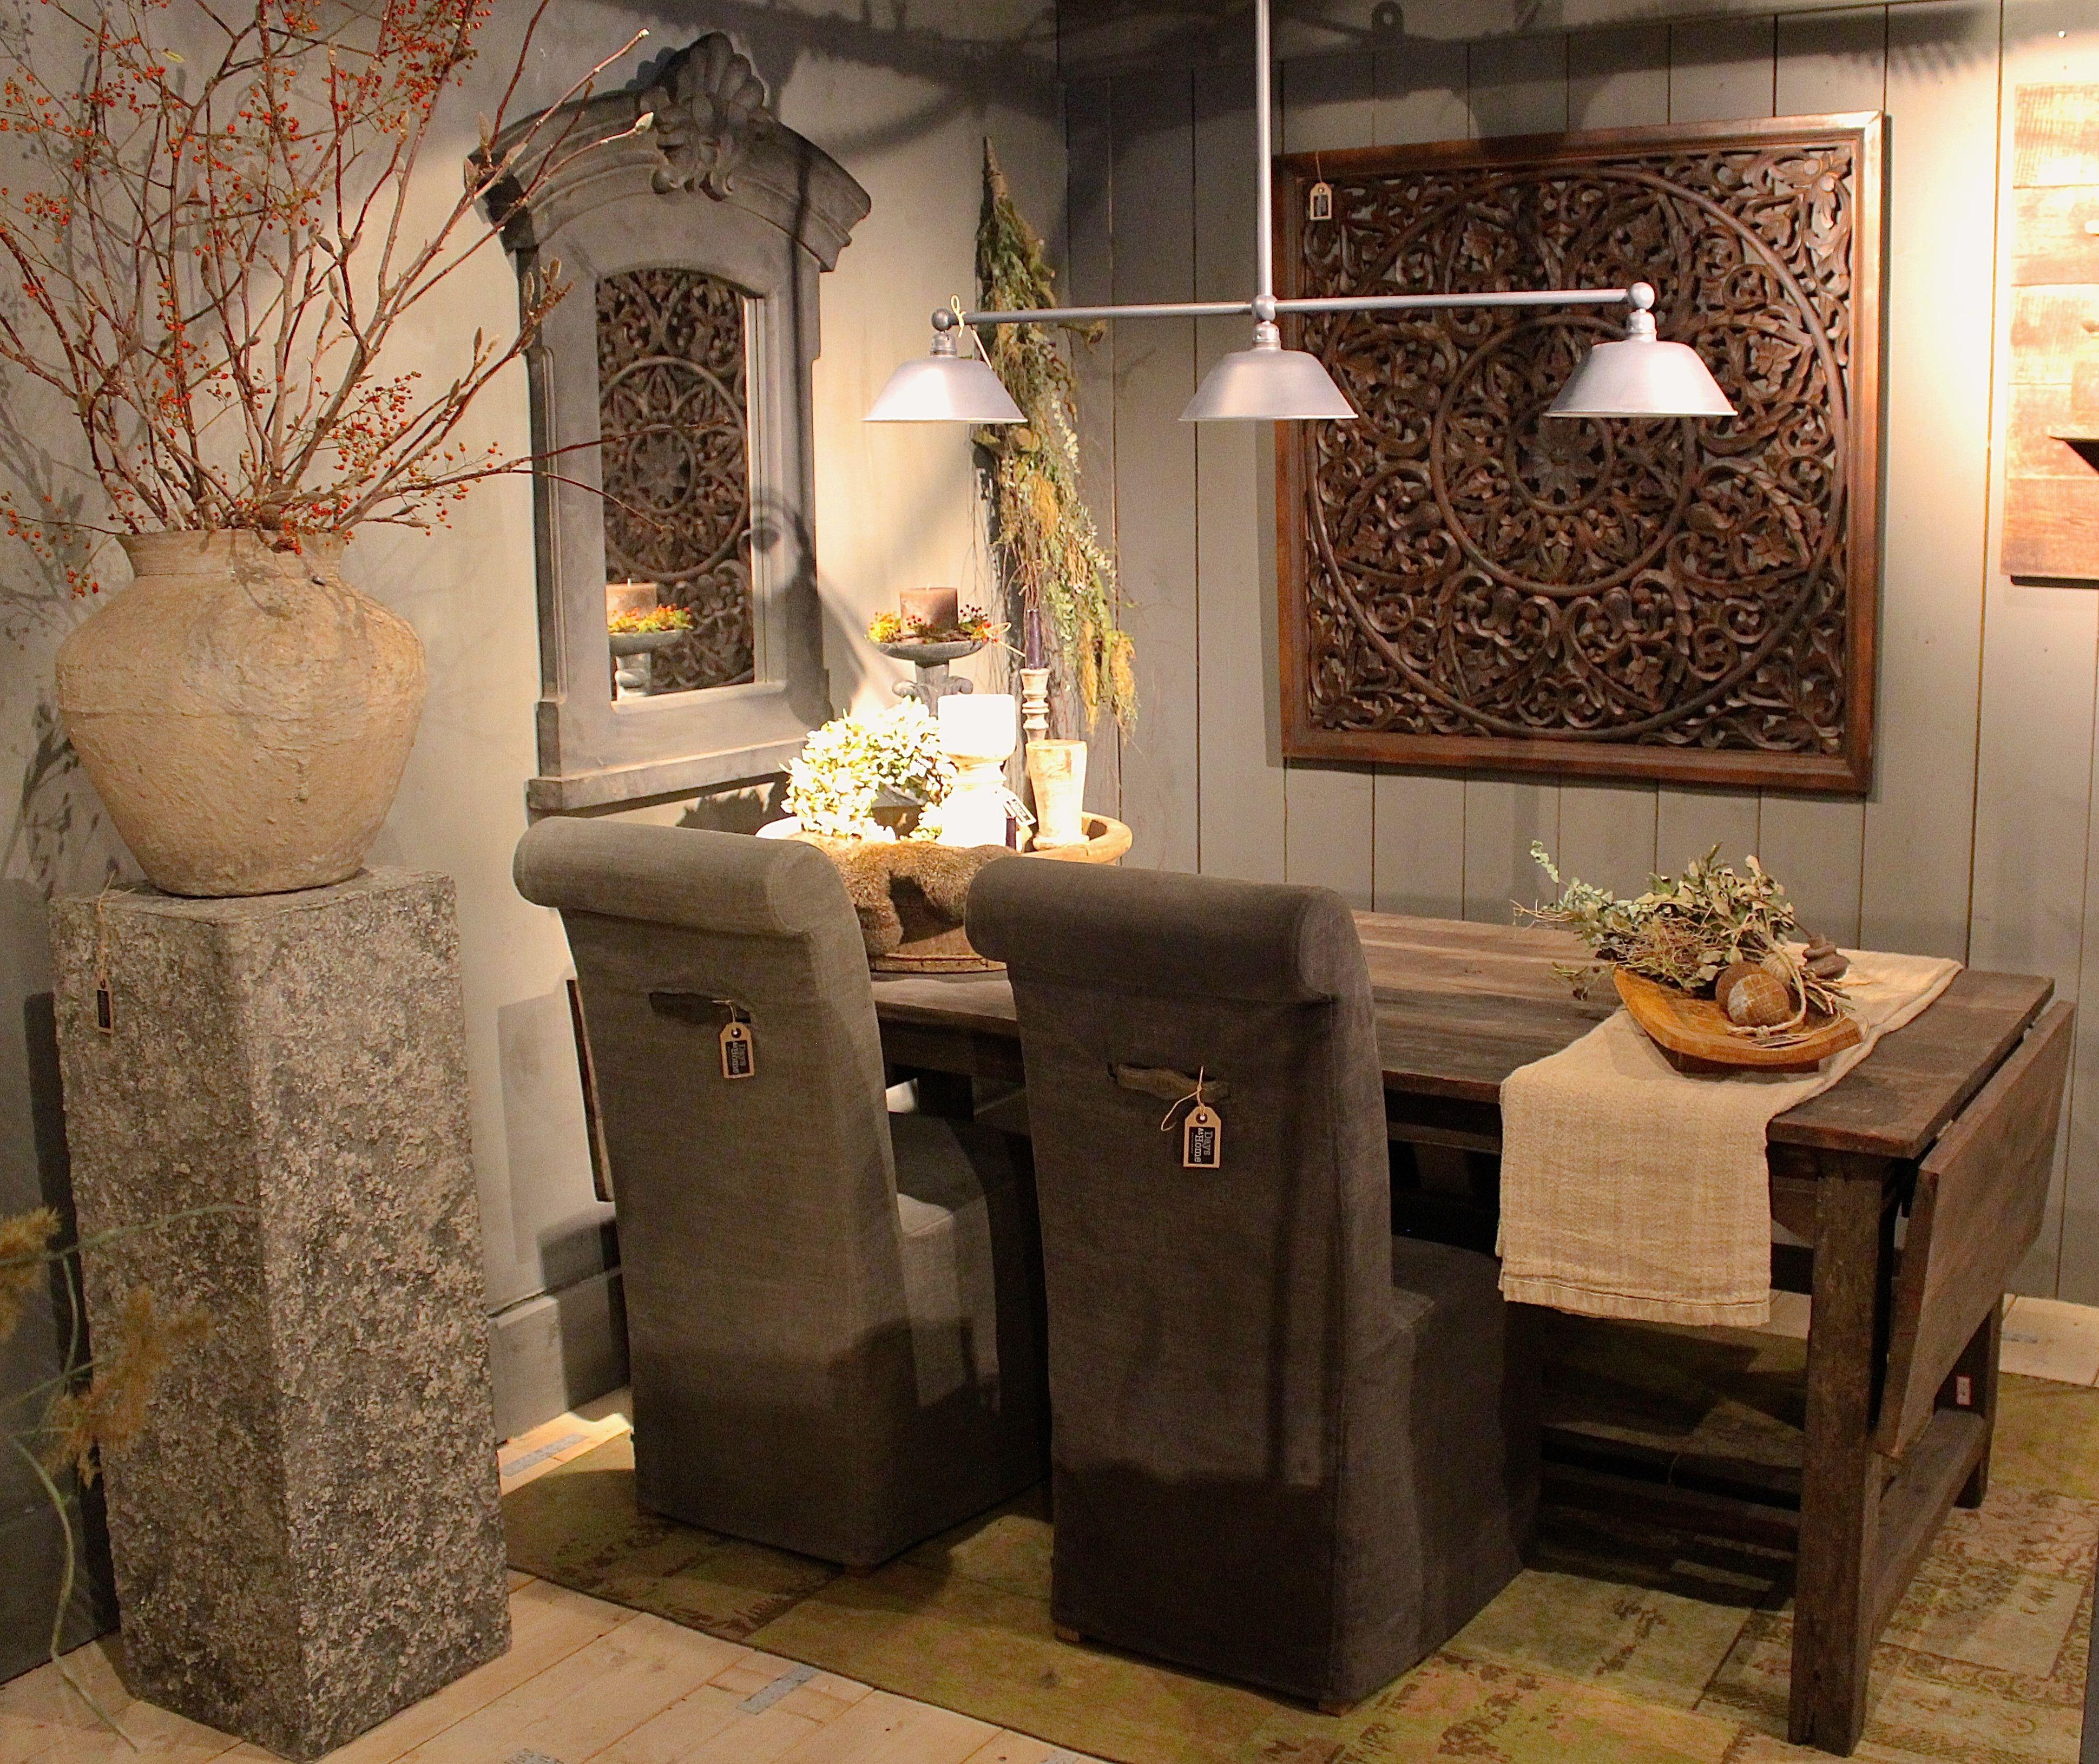 Eettafel en eetkamerstoelen, kruik en spiegel en groendecoratie ...